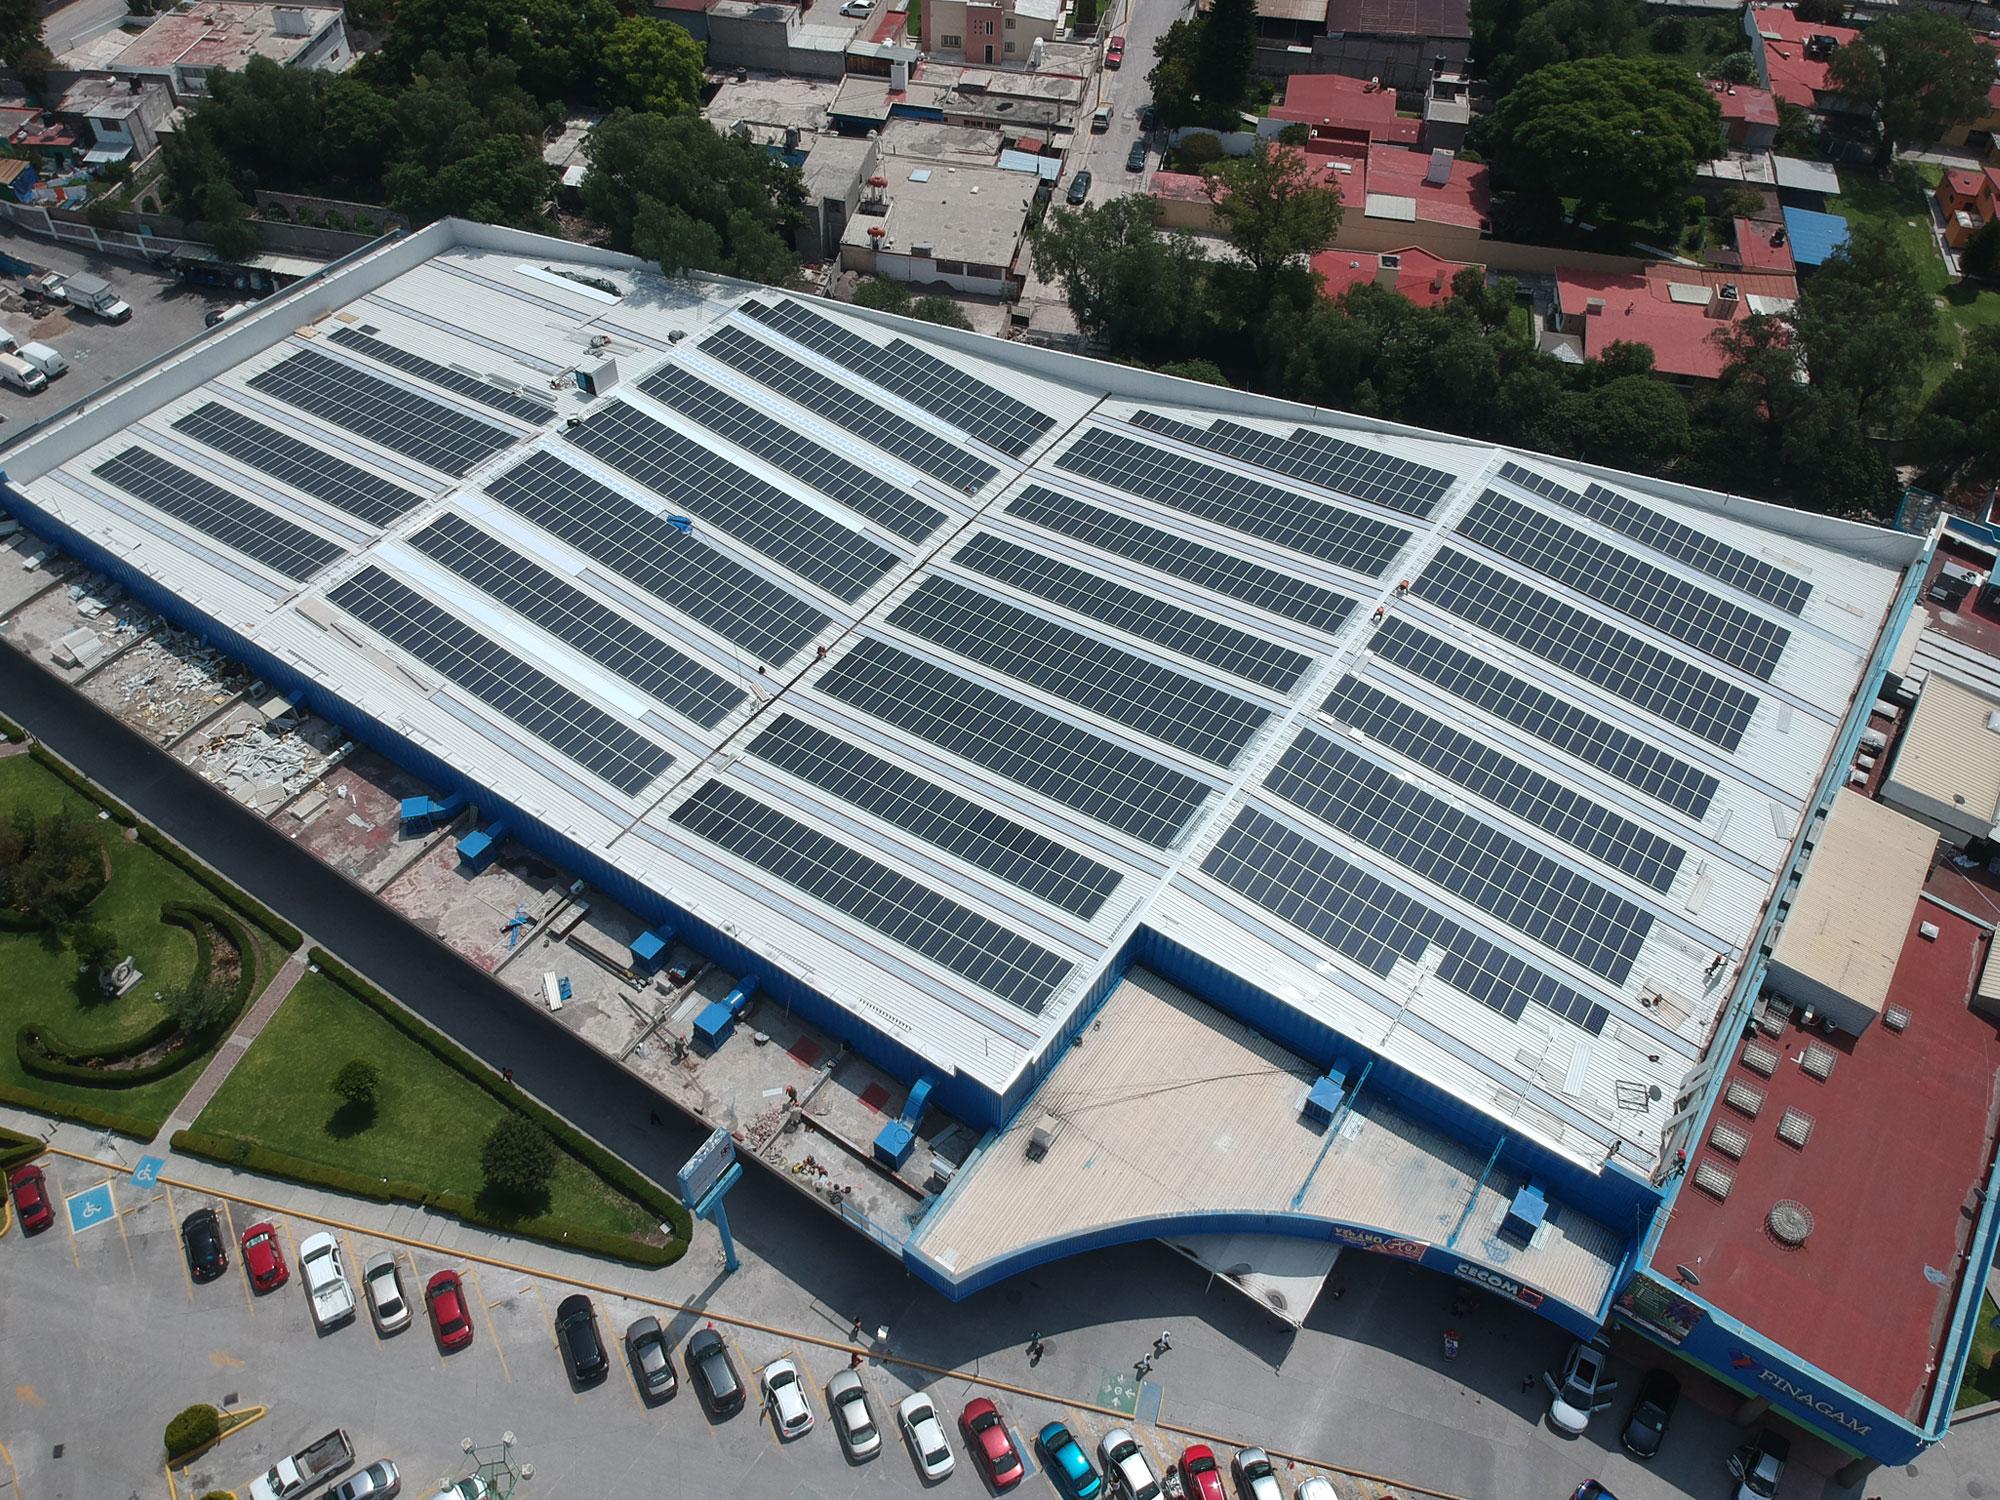 Instalacion en solar centro comercial Mexico ANAHUAC